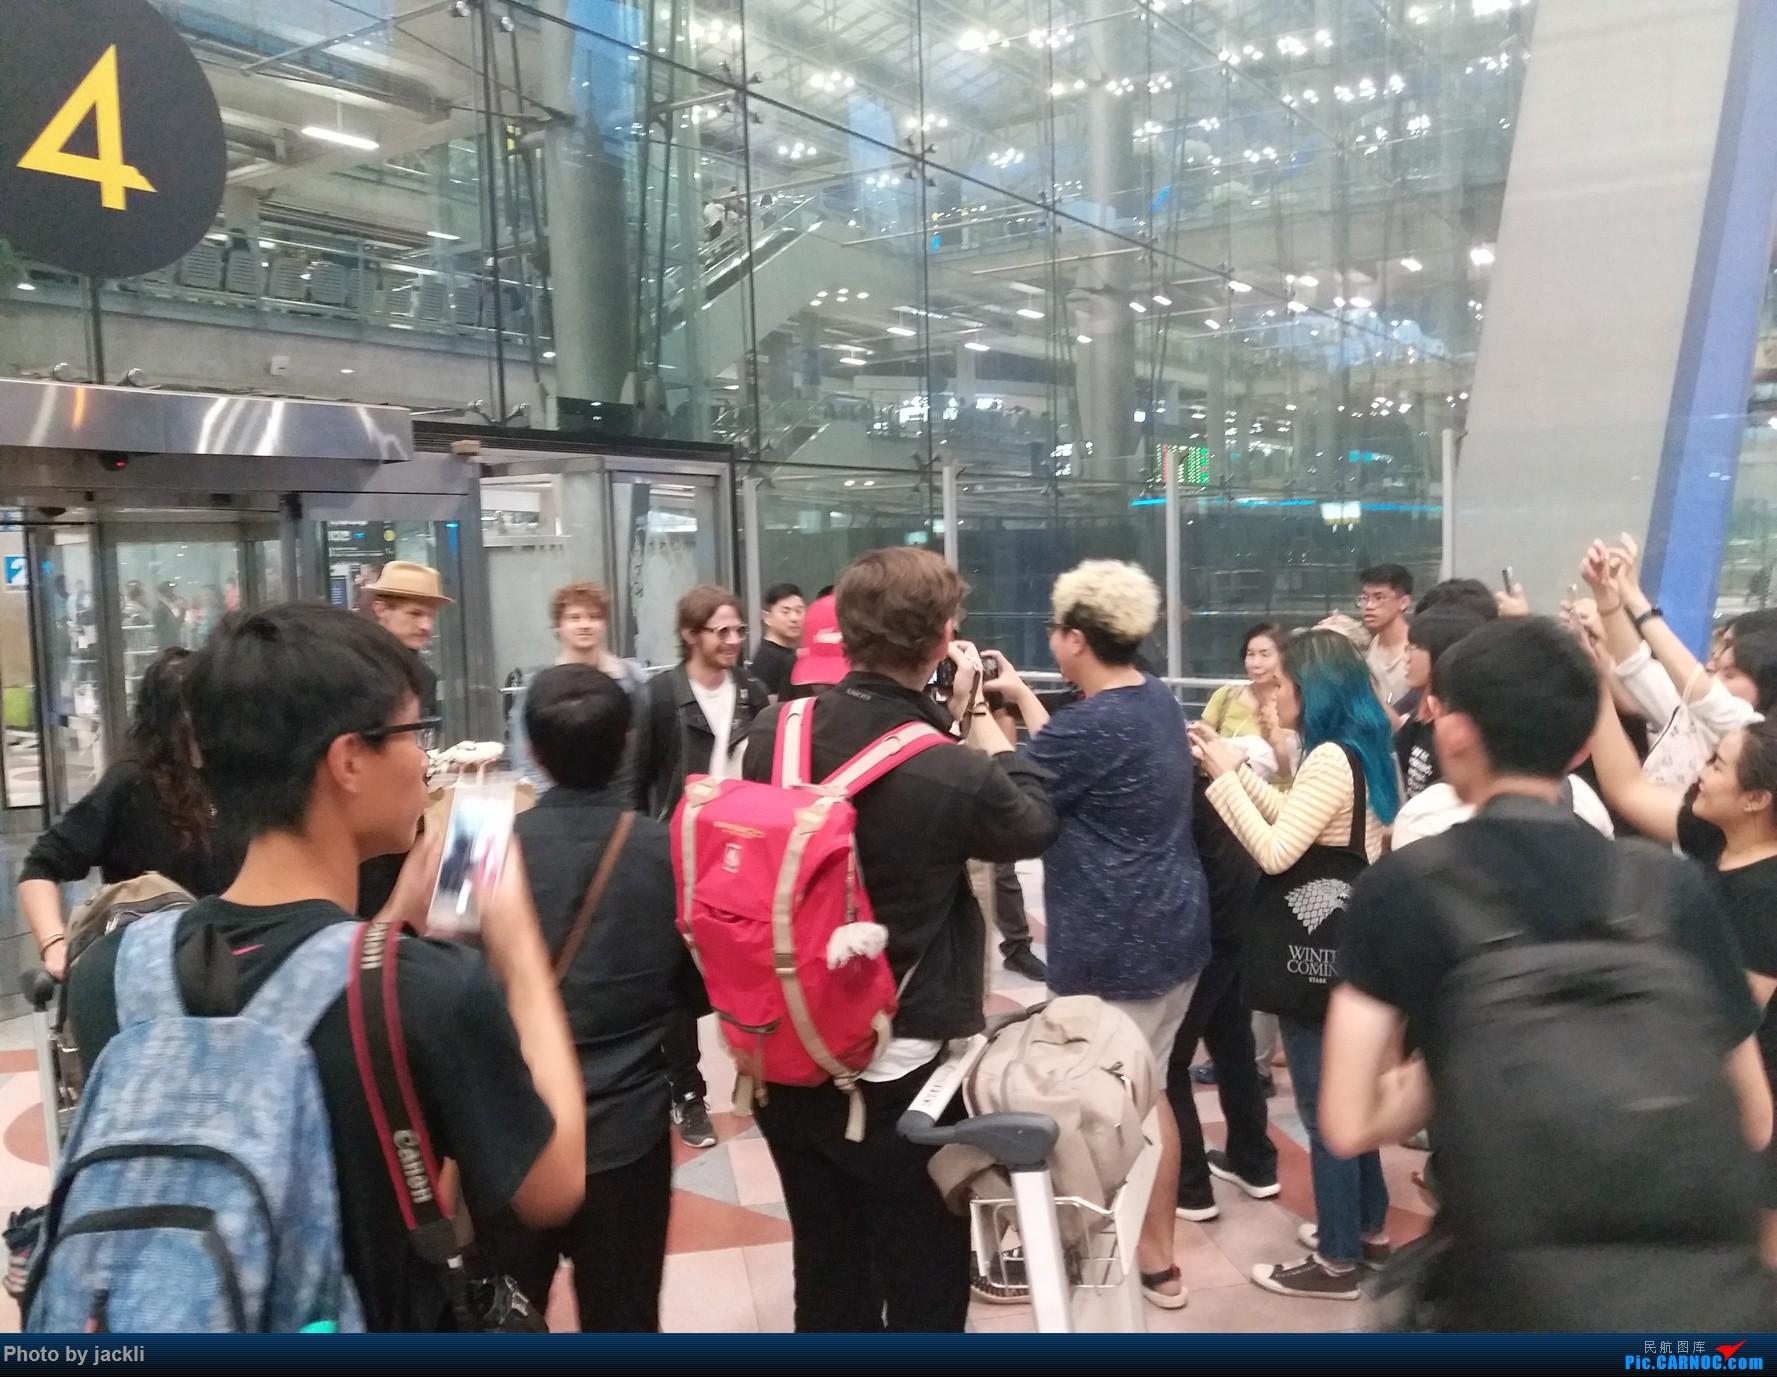 Re:[原创]【JackLi】泰国曼谷素万那普机场拍机~ AIRBUS A320 HS-PGV 泰国曼谷素万那普国际机场  歌星